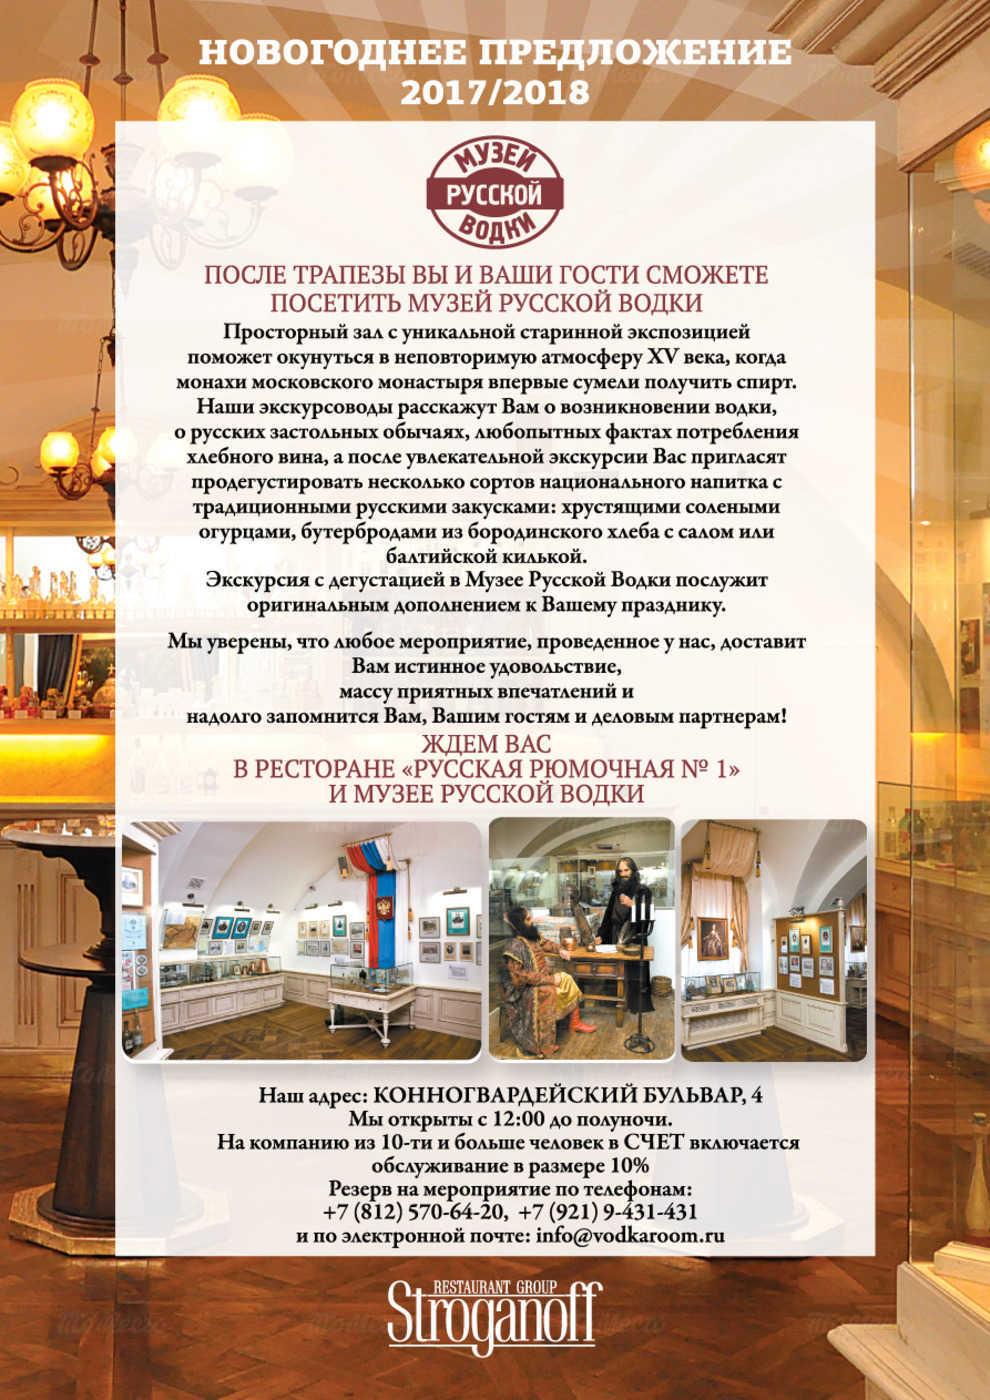 Банкетный зал ресторана Русская рюмочная №1 на Конногвардейском бульваре фото 7